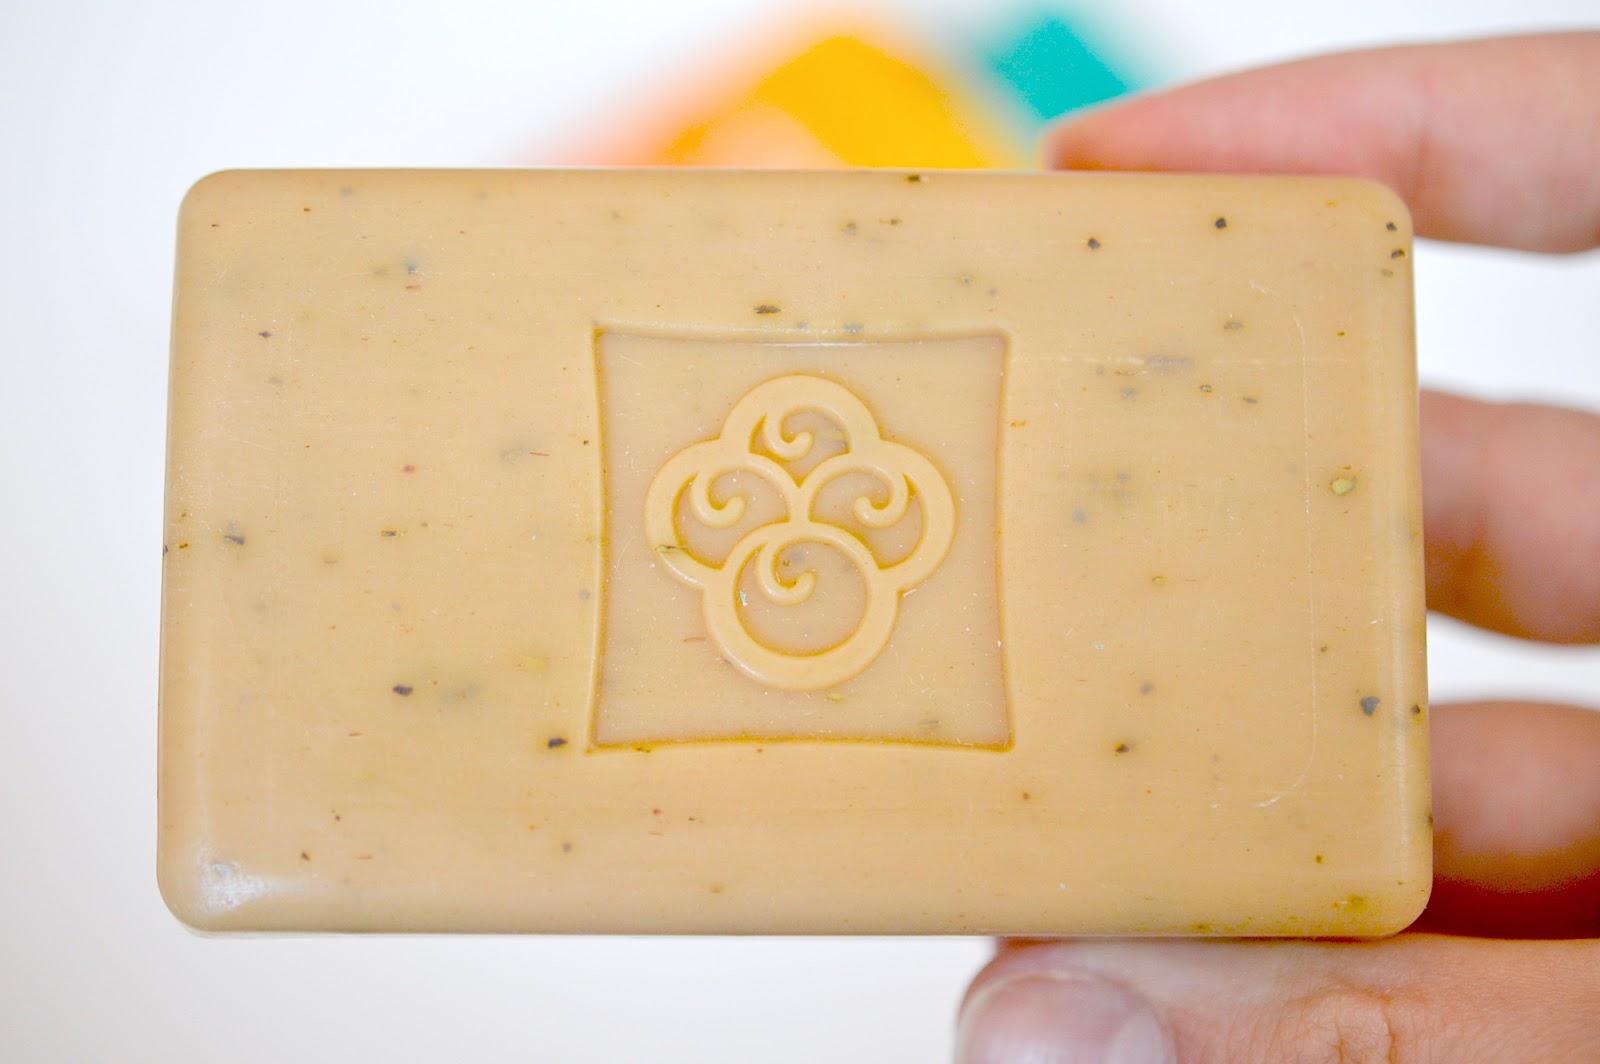 sibu bar soap review